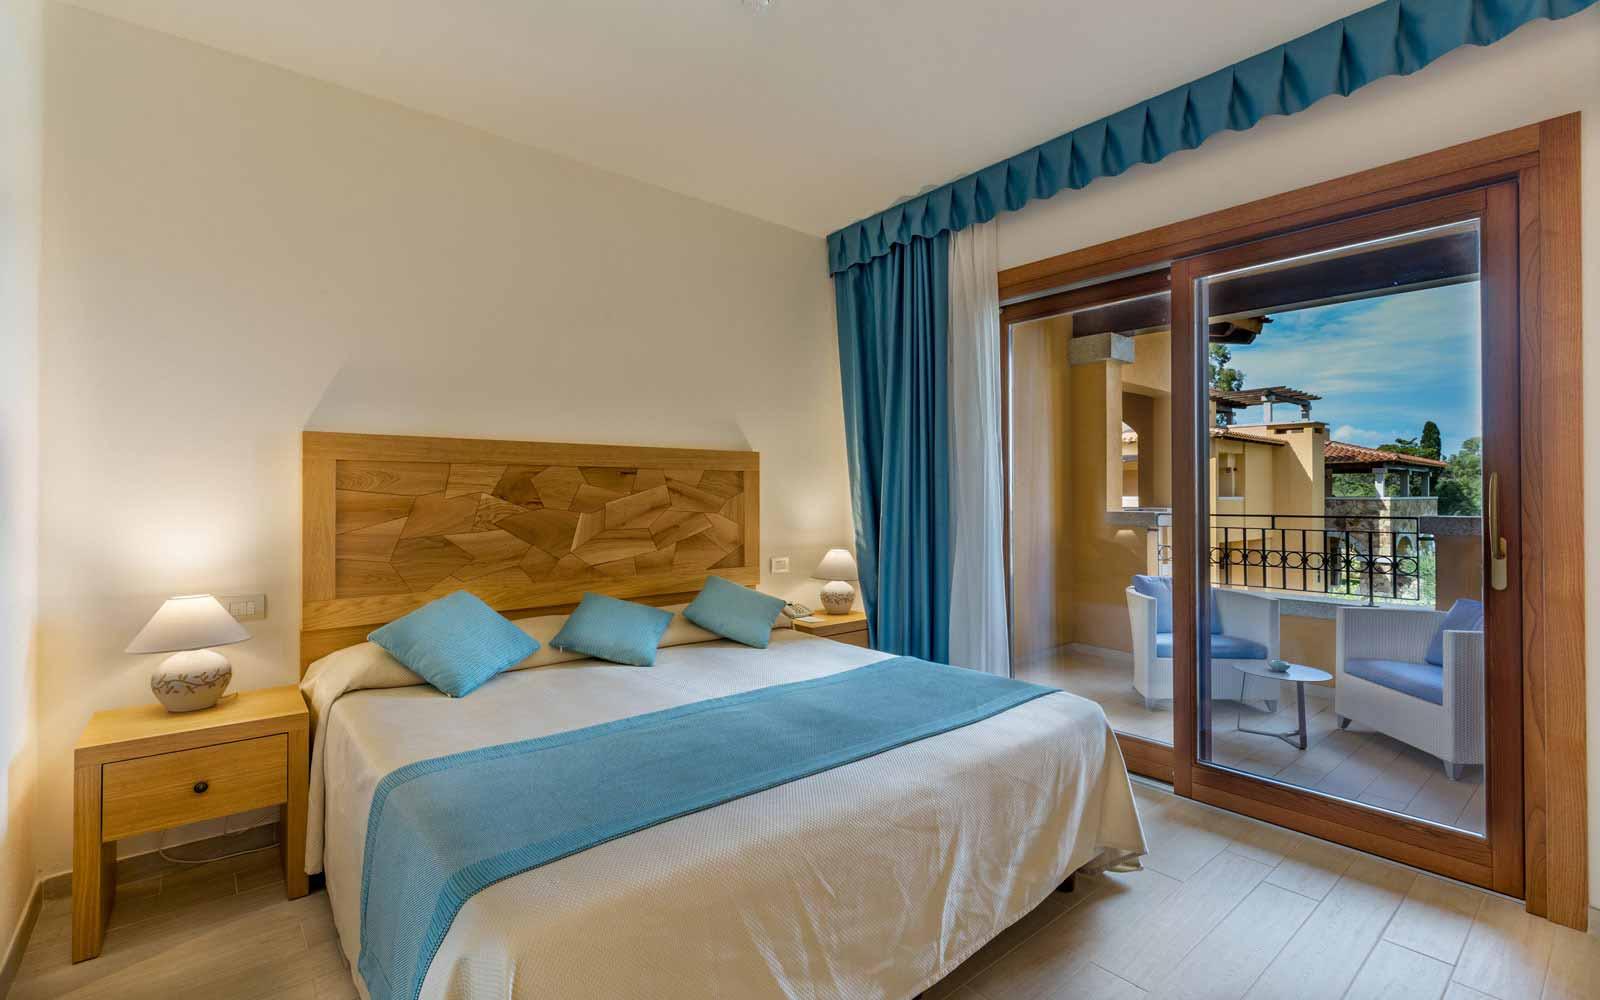 Superior room at Hotel Marana